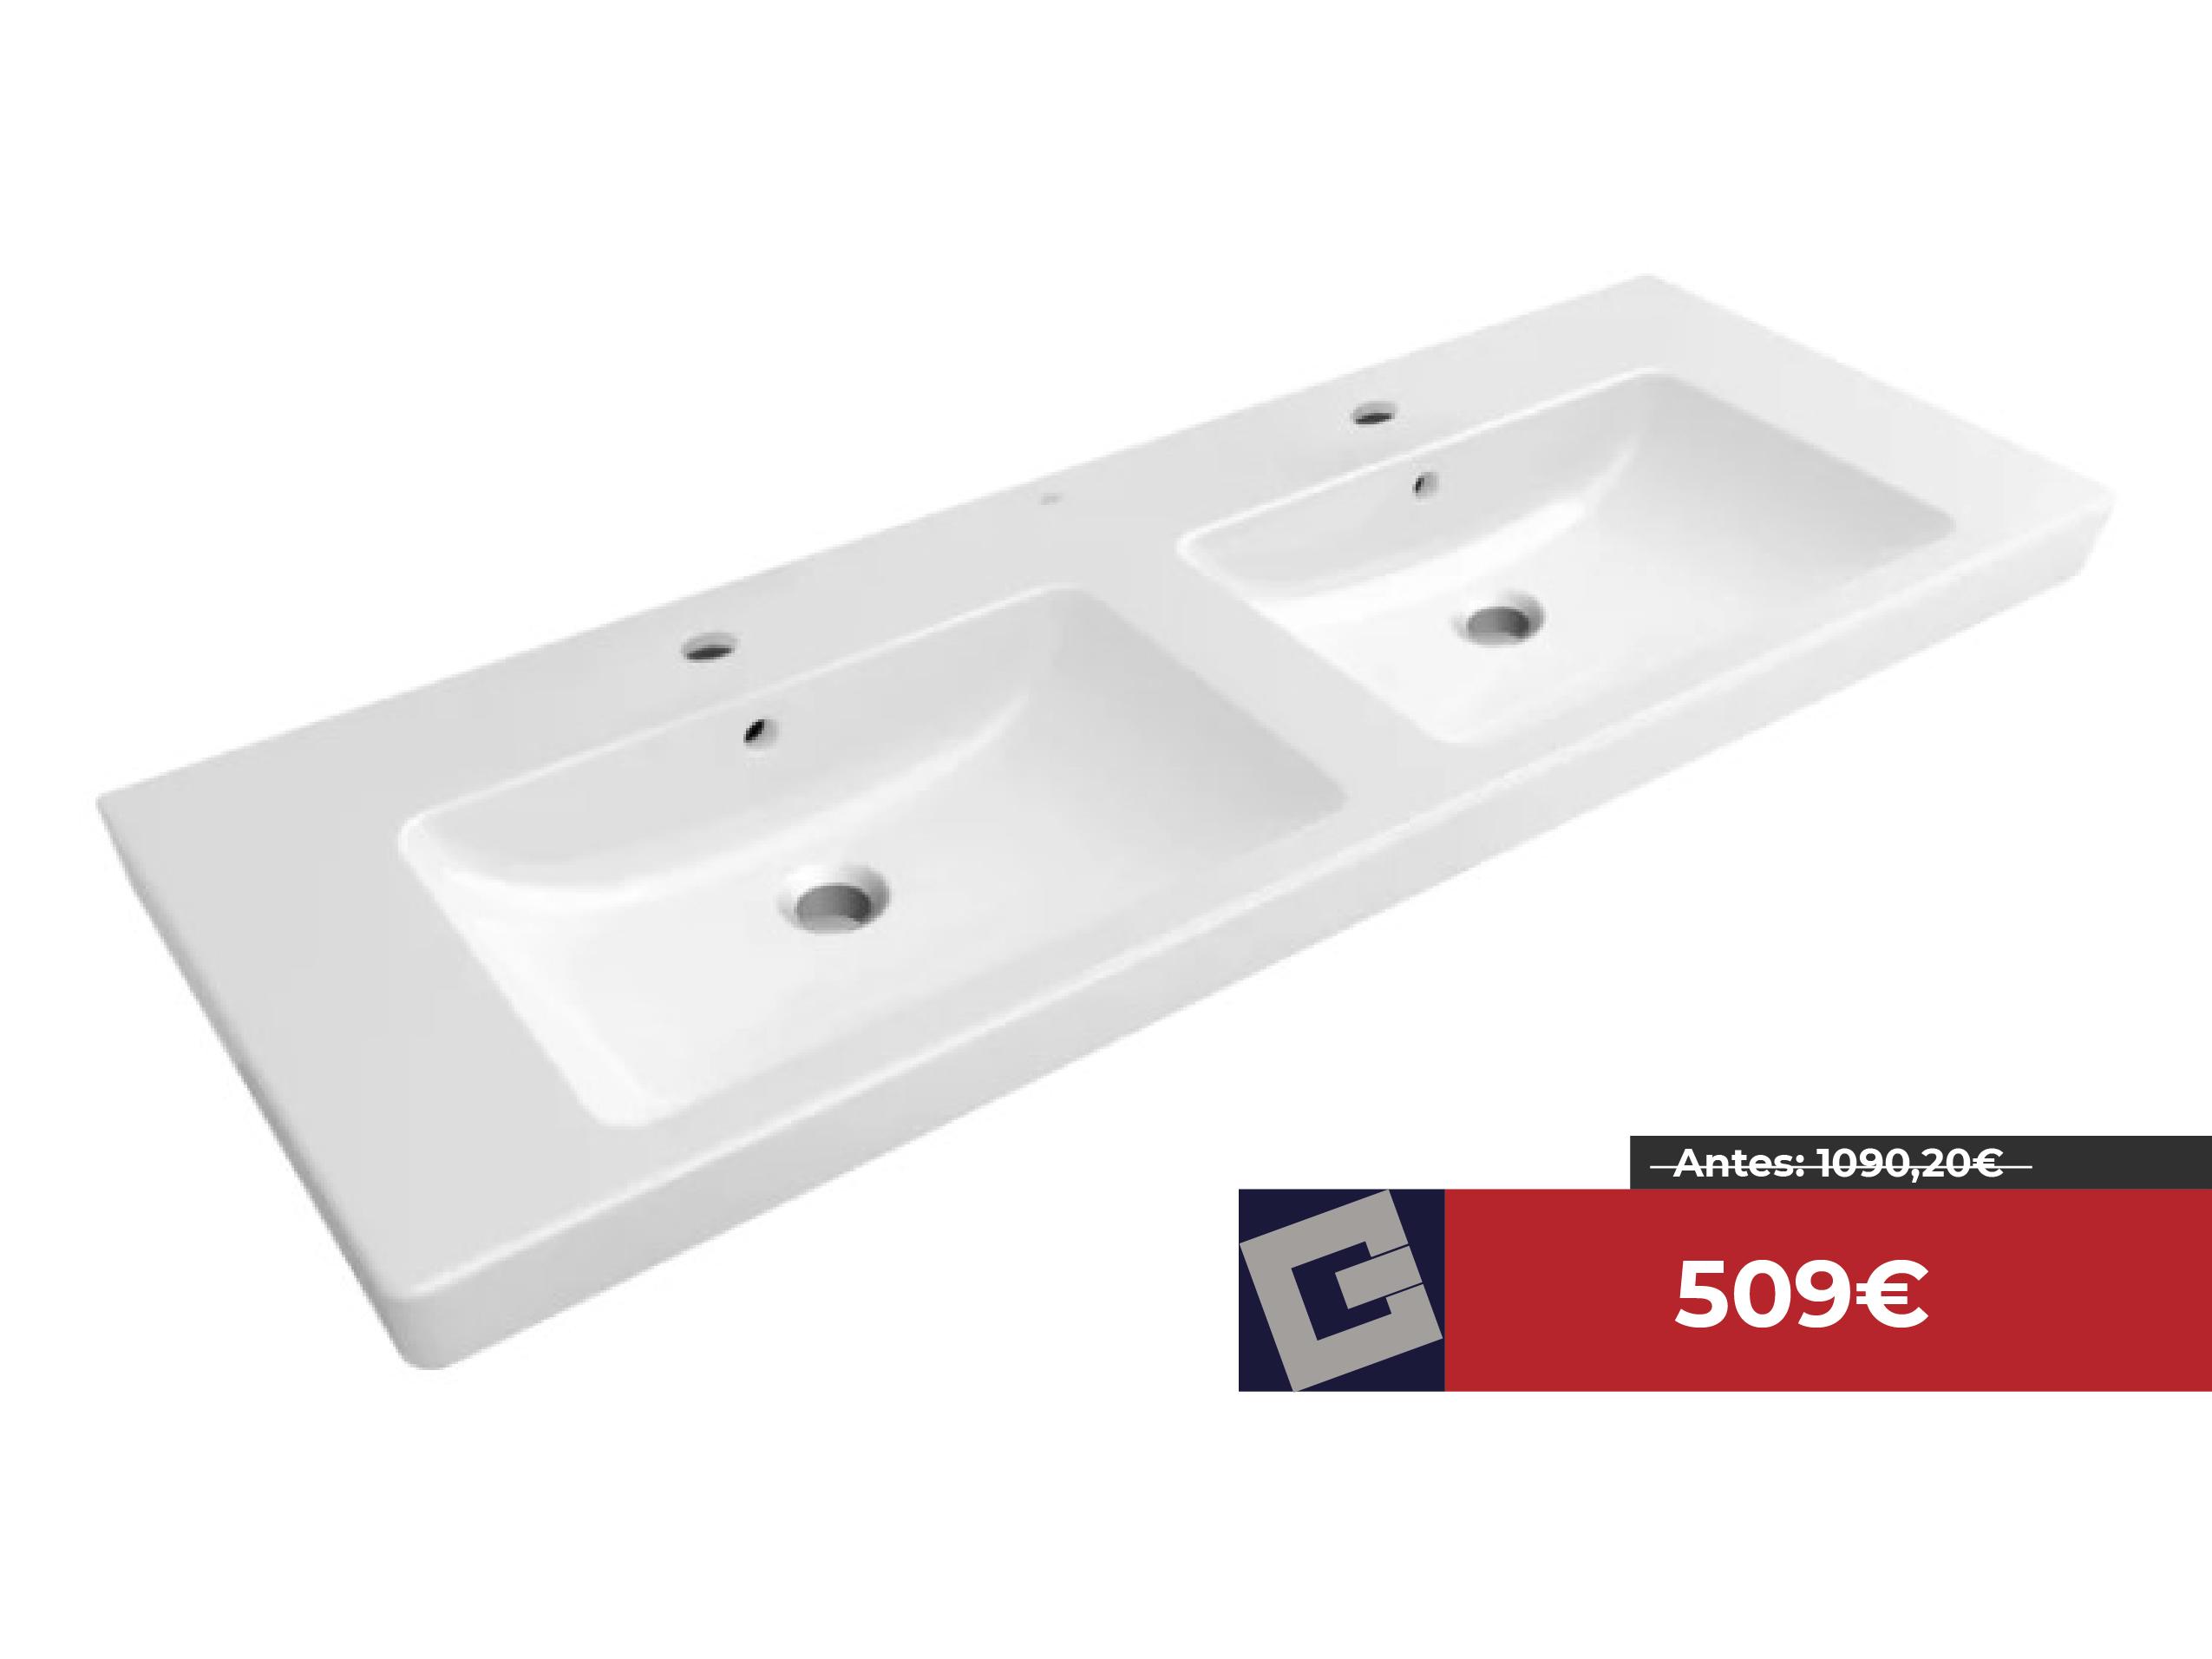 Encimera de lavabo doble Villeroy & Boch Subway 2.0 130cm blanco